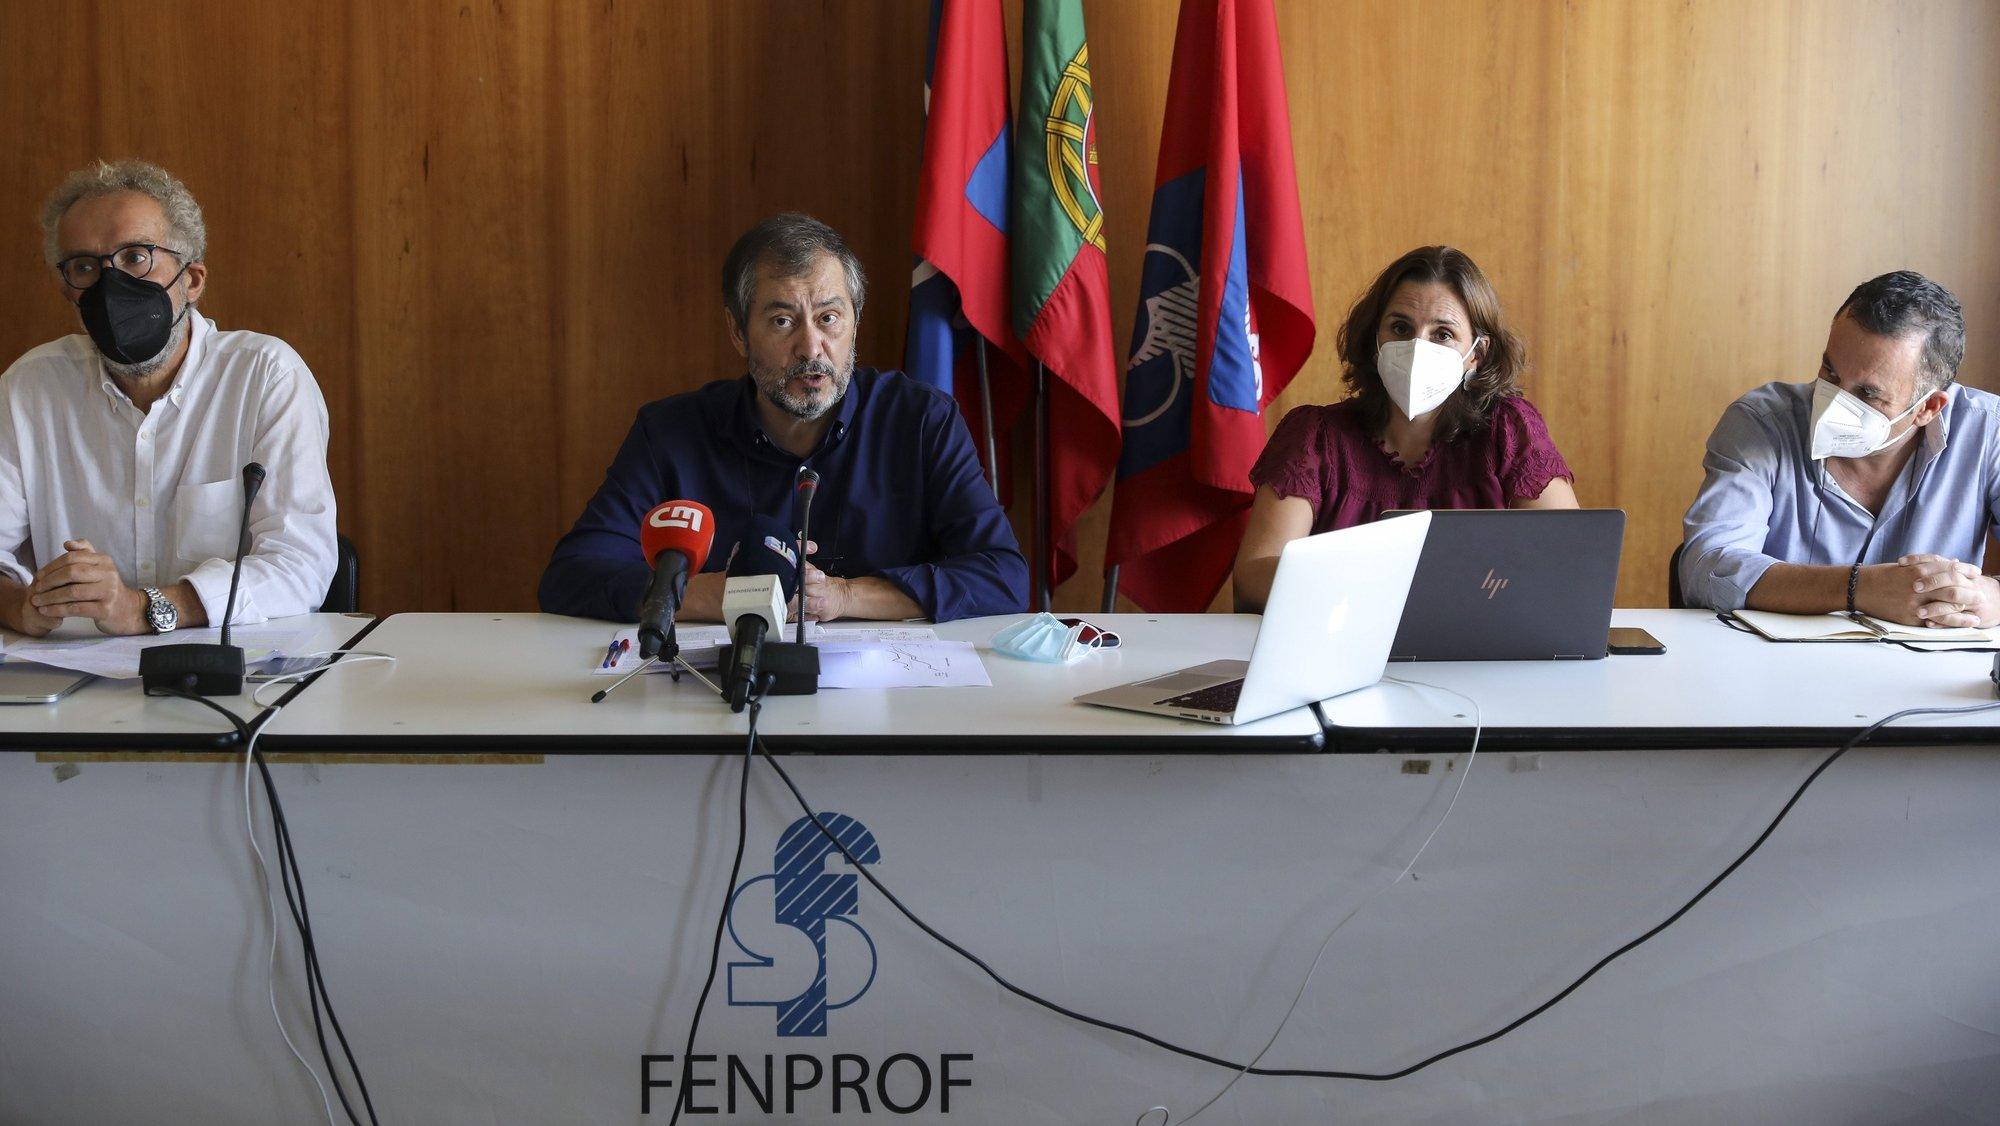 O secretário-geral da Fenprof, Mário Nogueira (2-E), intervém numa conferência de imprensa sobre a proposta do Orçamento do Estado 2022 para a área do ensino superior e da ciência, e para divulgar as propostas que tem apresentado nas reuniões com os partidos e que pretende que sejam acolhidas, em Lisboa, 18 de outubro de 2021. MIGUEL A. LOPES/LUSA